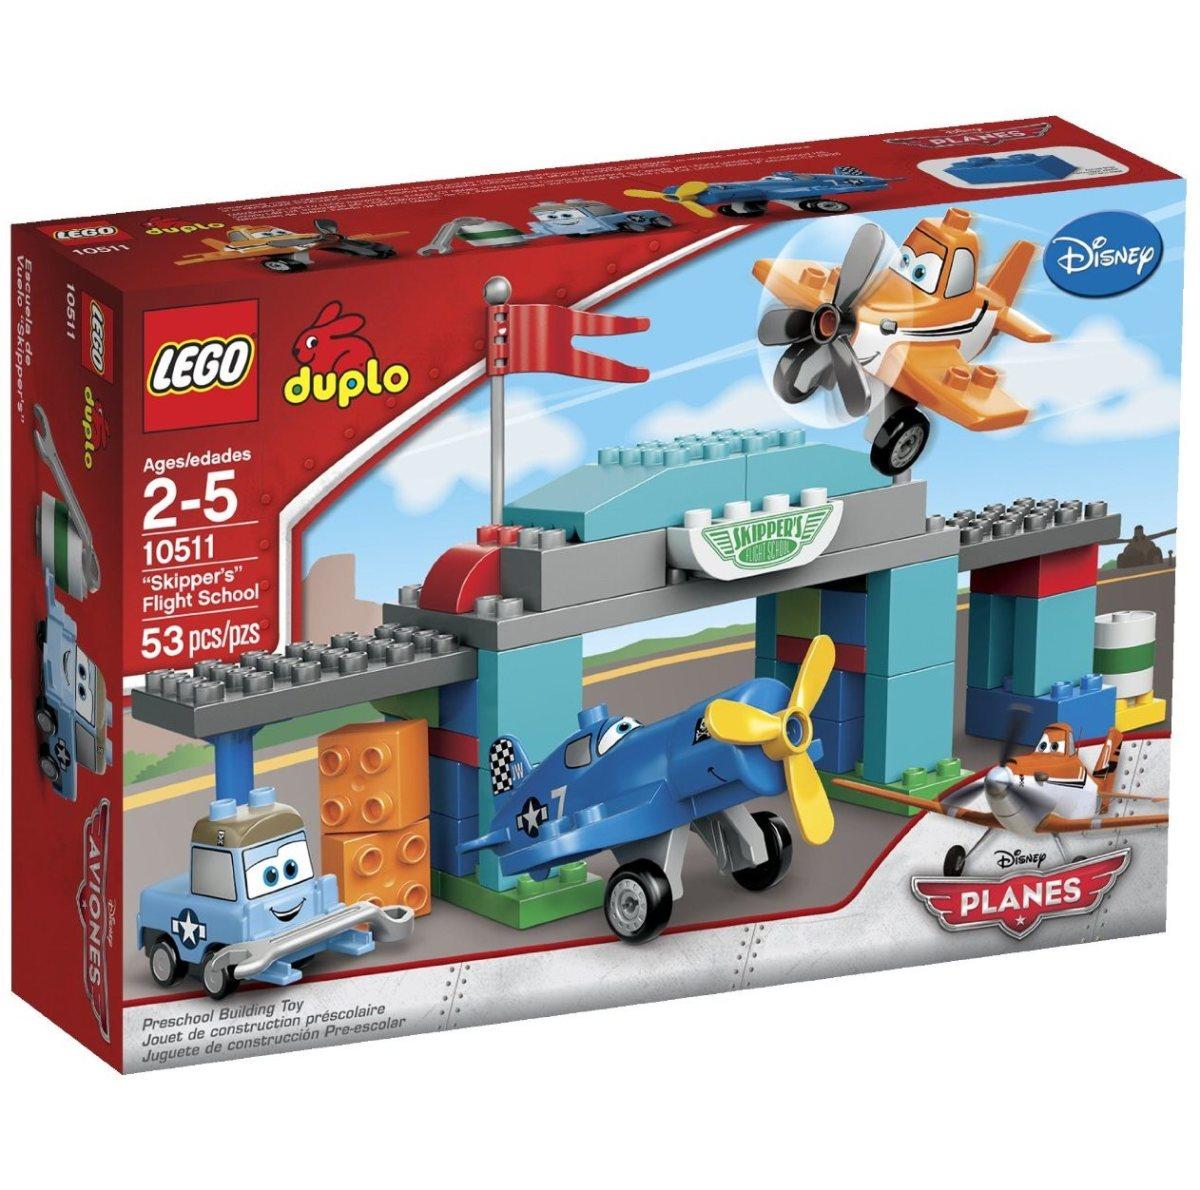 LEGO Duplo Disney Planes Sets.